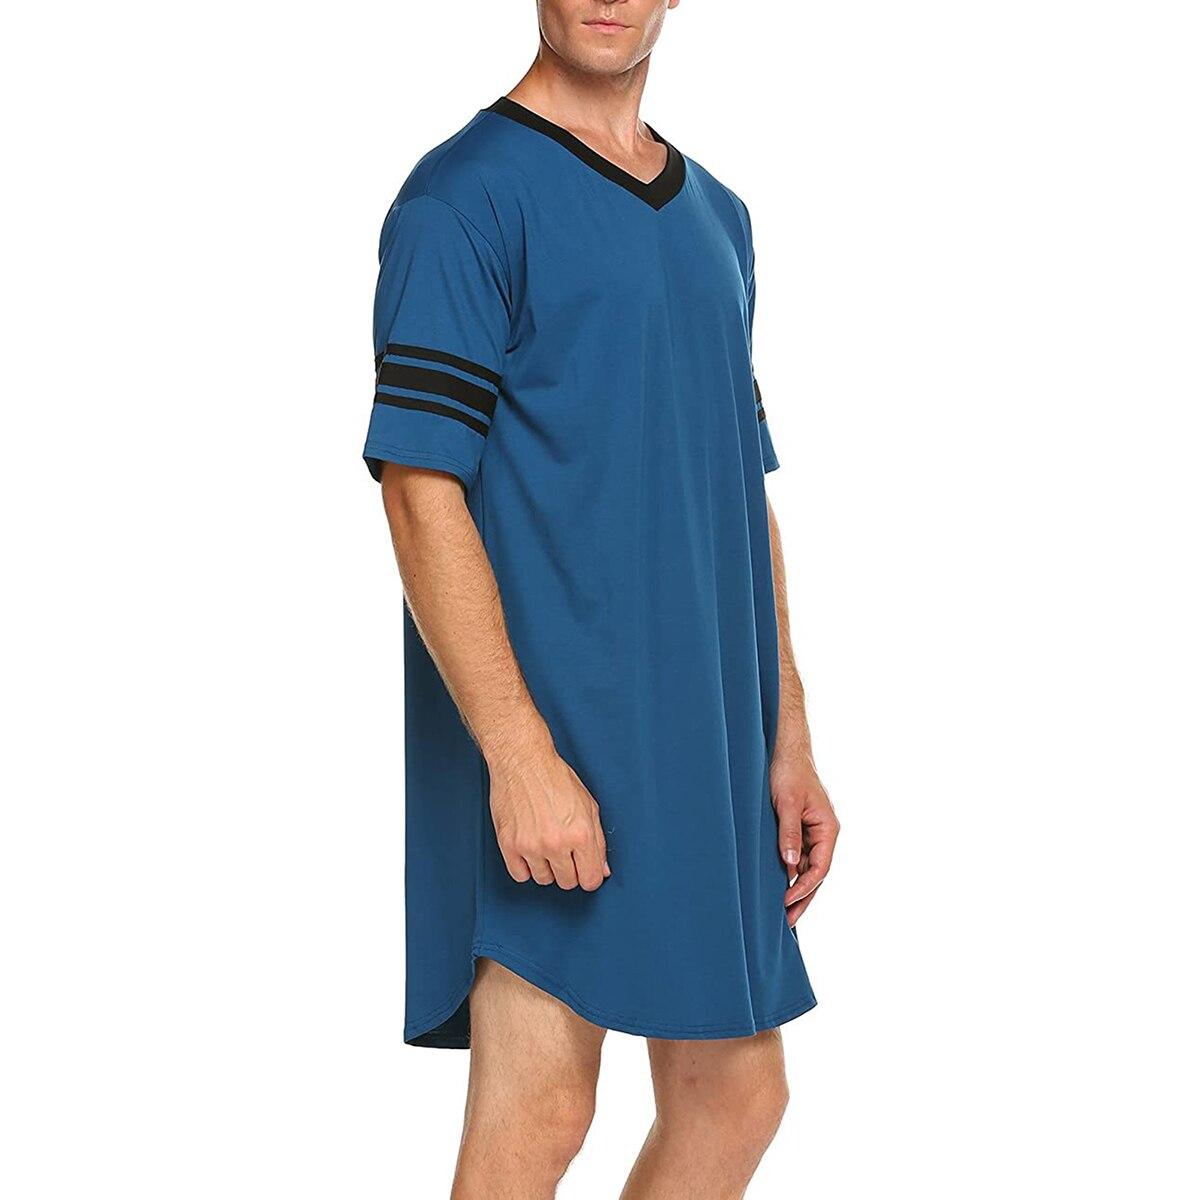 Новинка Мужчины Хлопок Повседневная С короткими рукавами Длинные Ночная рубашка Мягкие Свободные Пижамы Пижамы Синий% 2F Серый% 2F Черный% 2F Красный